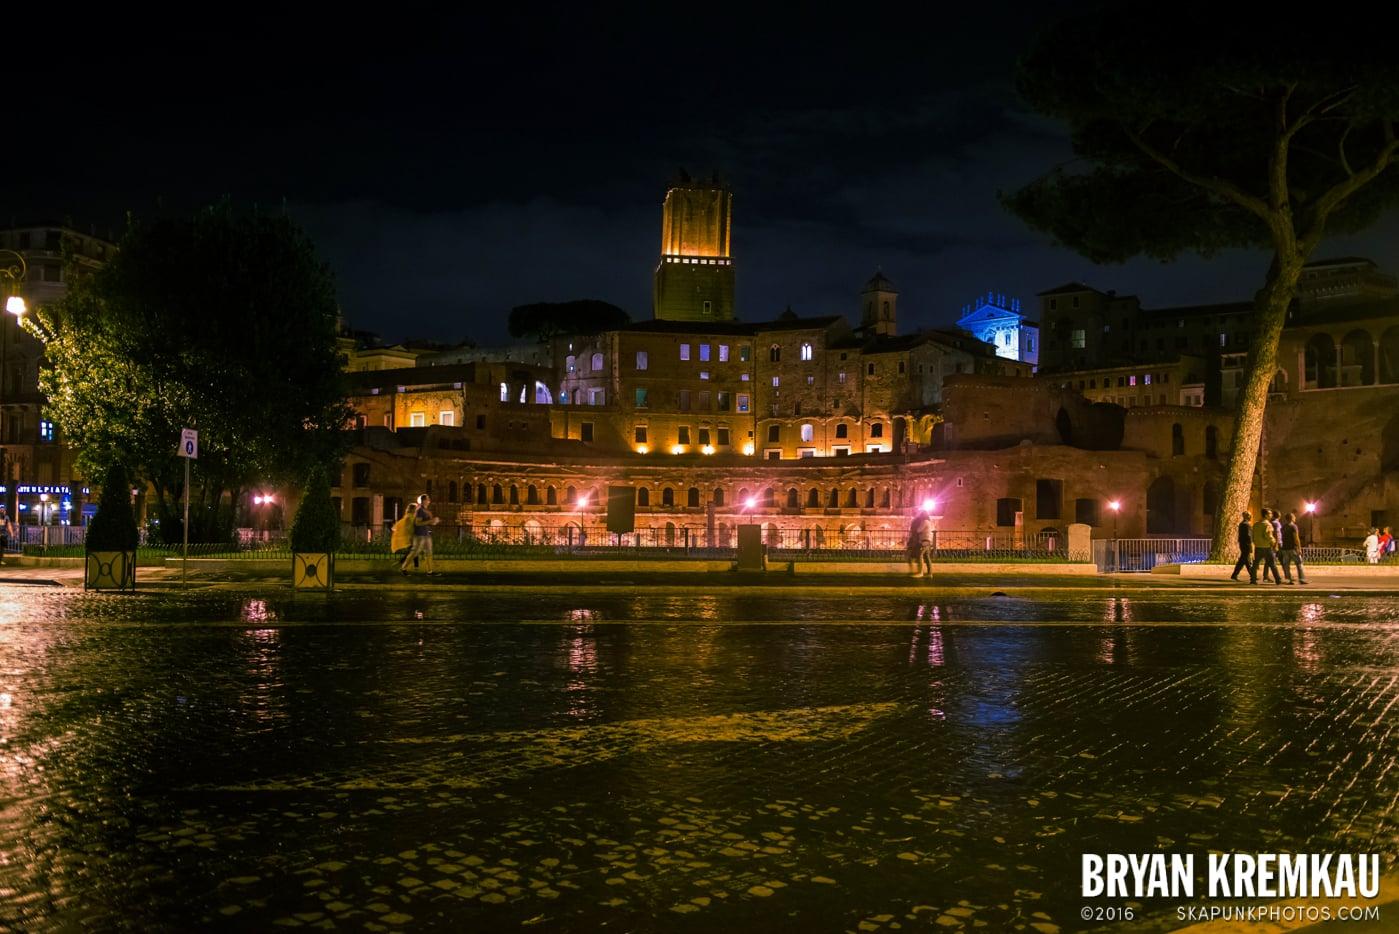 Italy Vacation - Day 2: Rome - 9.10.13 (8)